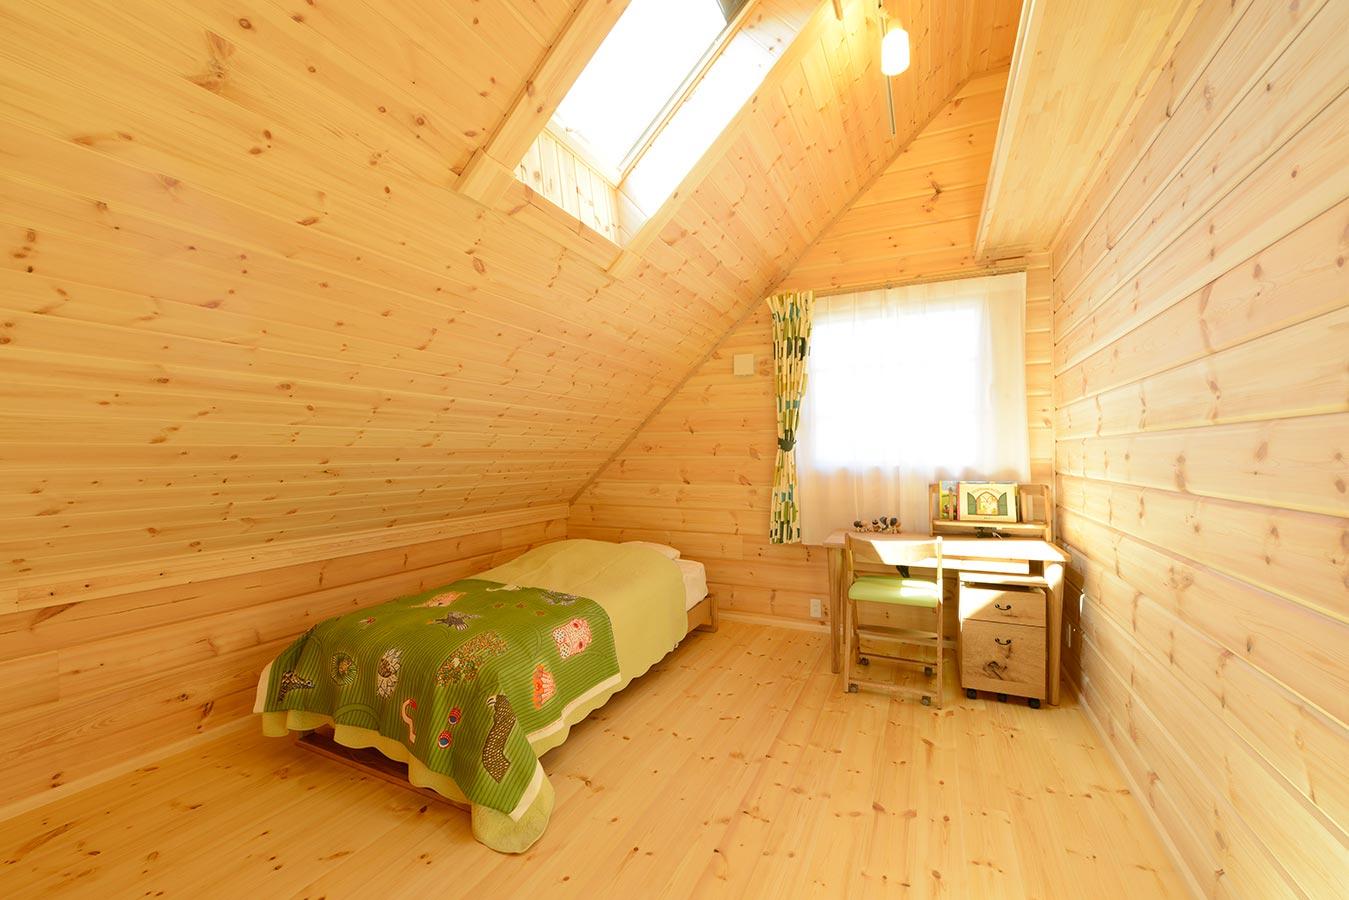 天窓を設置した、明るい空間の子供部屋